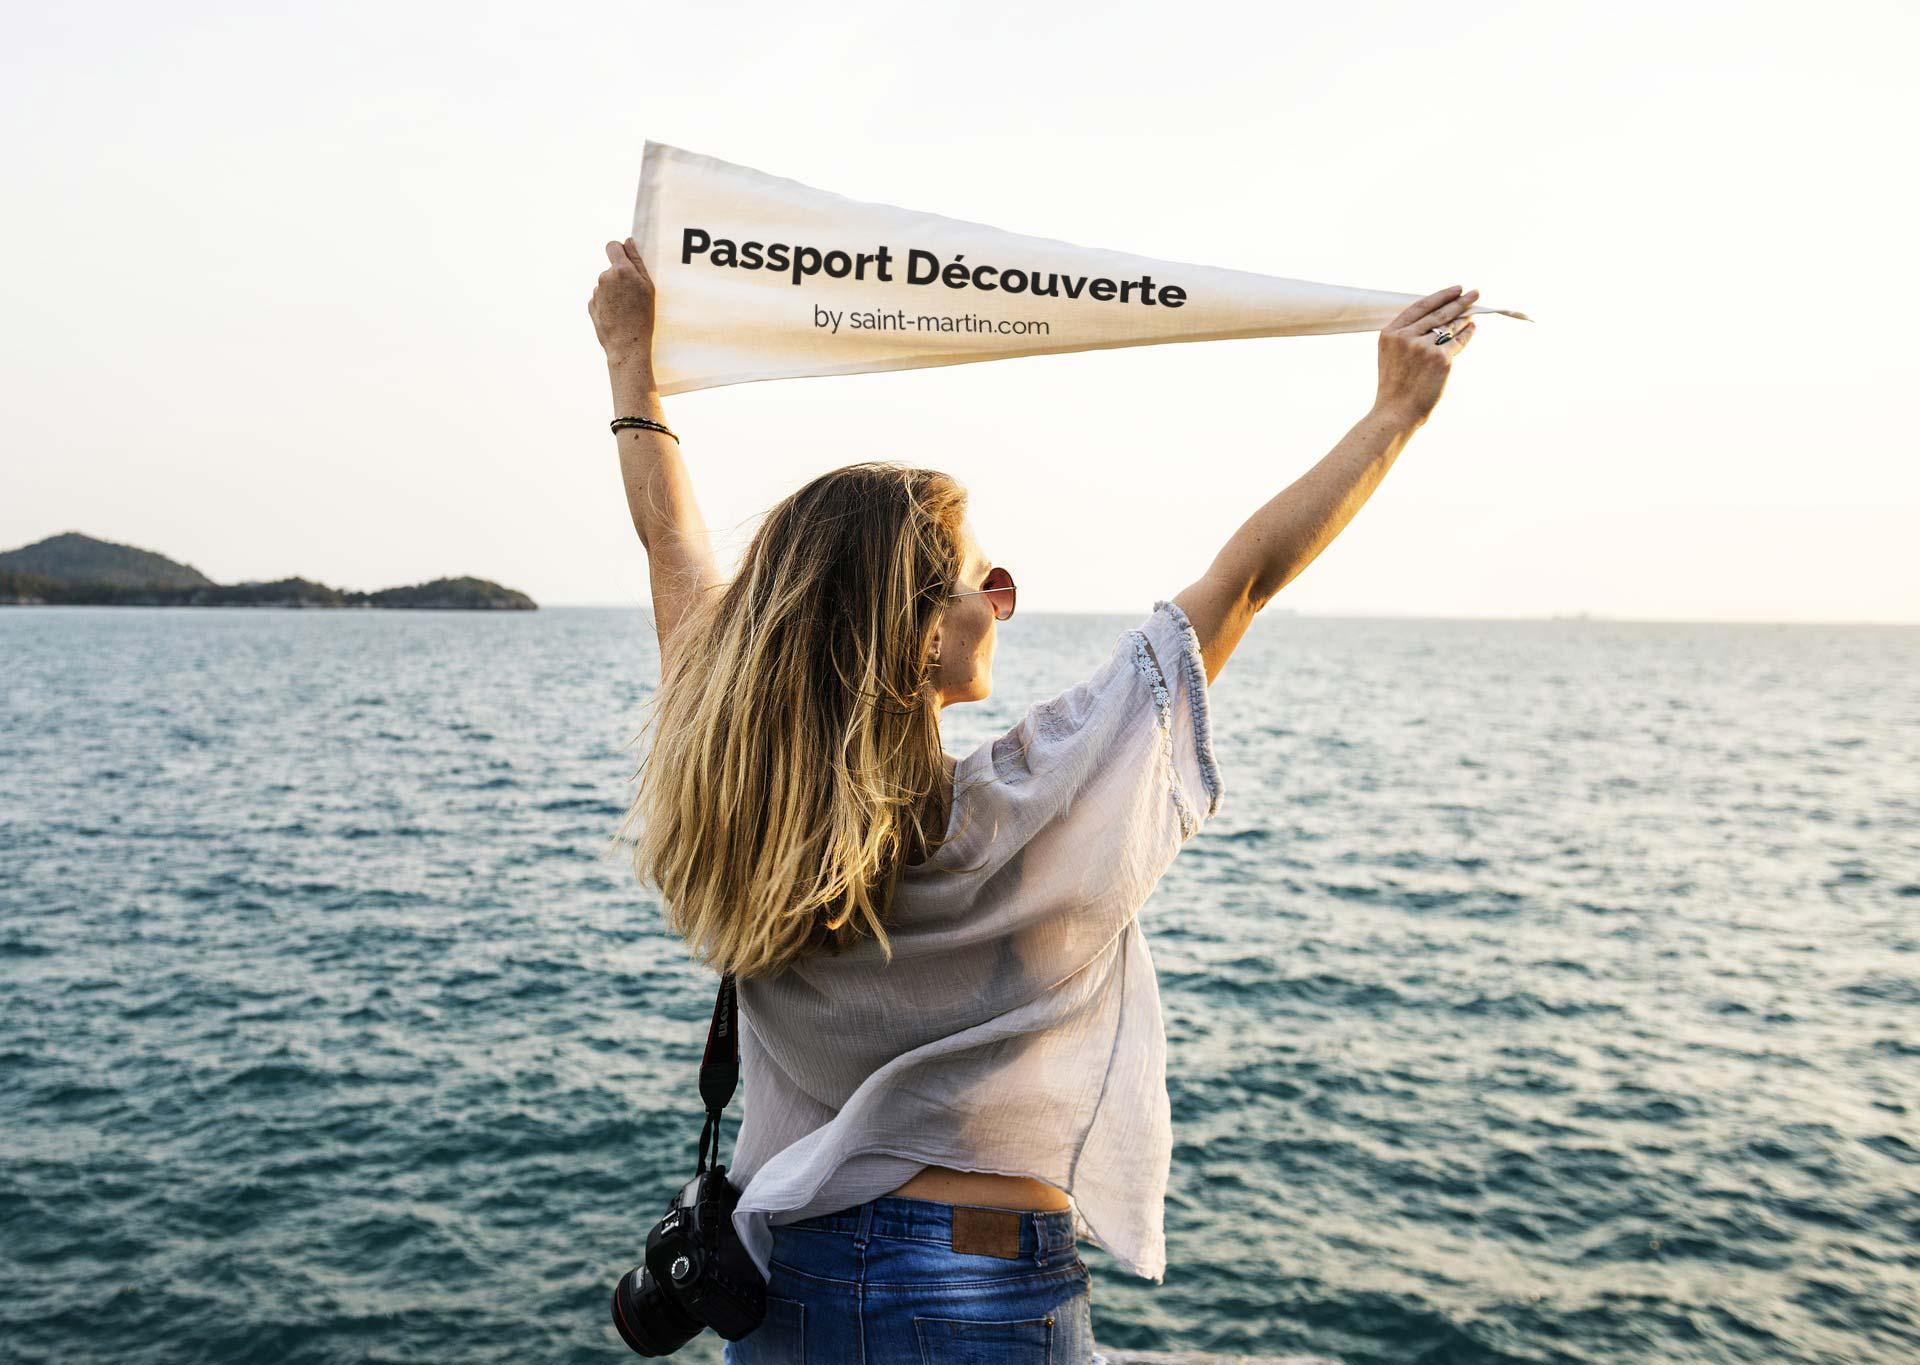 passport decouverte header